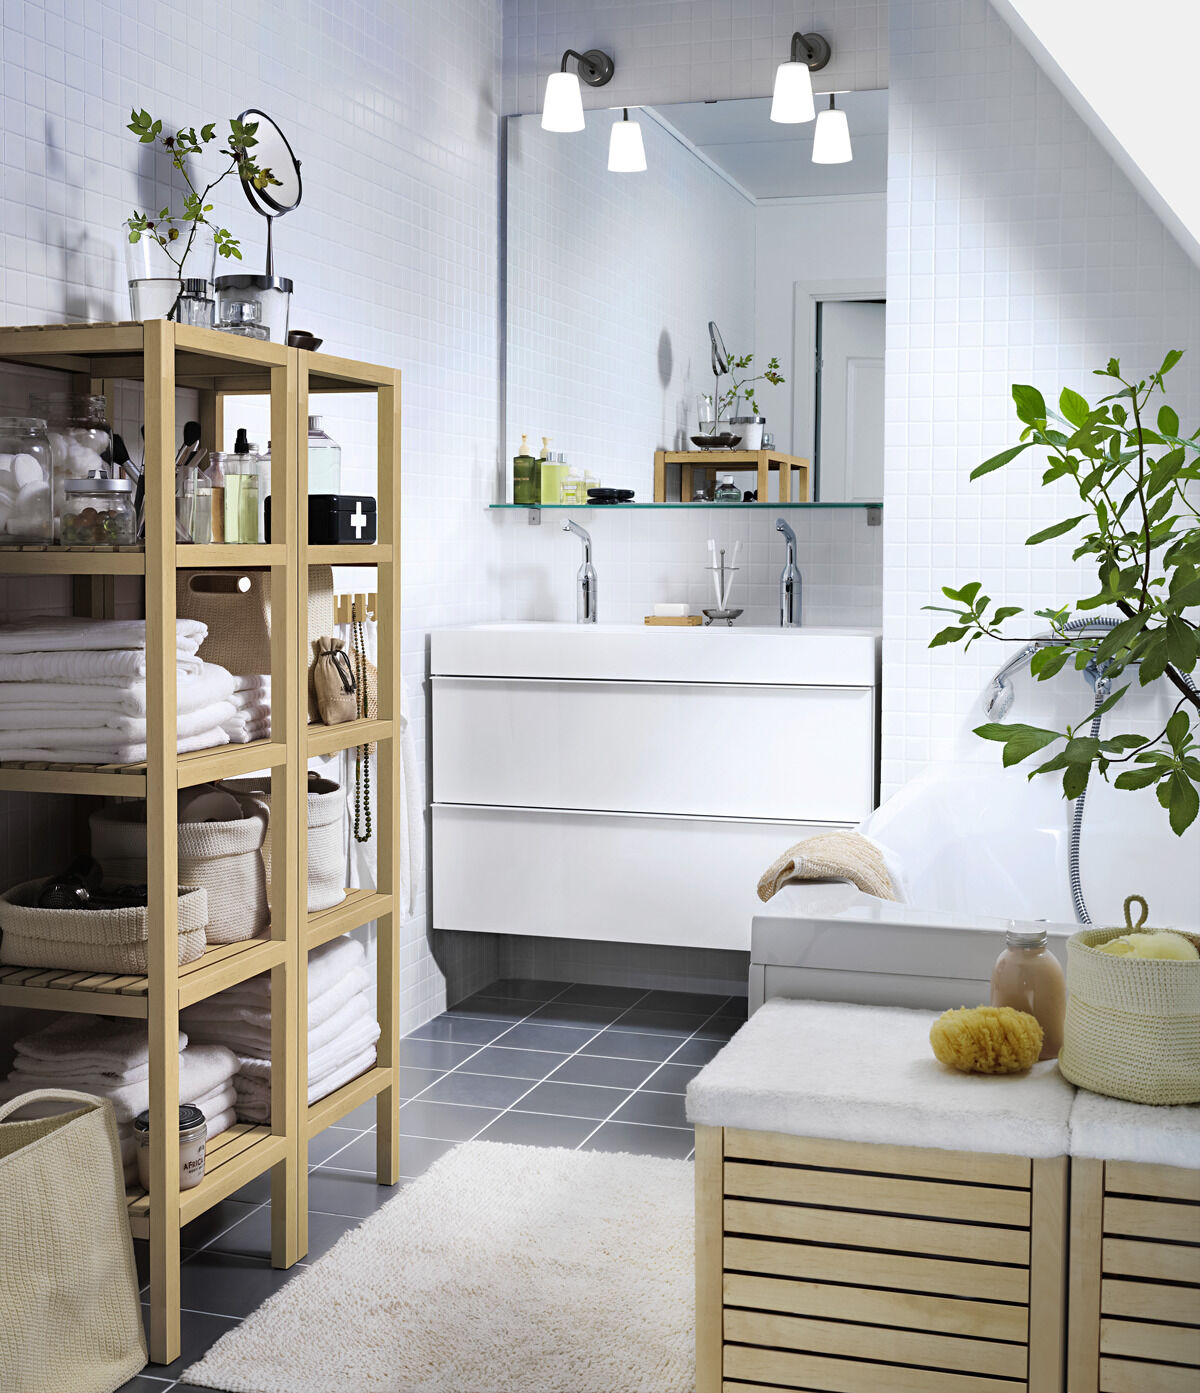 Arbeitszimmer gestaltungsmöglichkeiten ikea  Ideen für Familienbäder | Zuhausewohnen